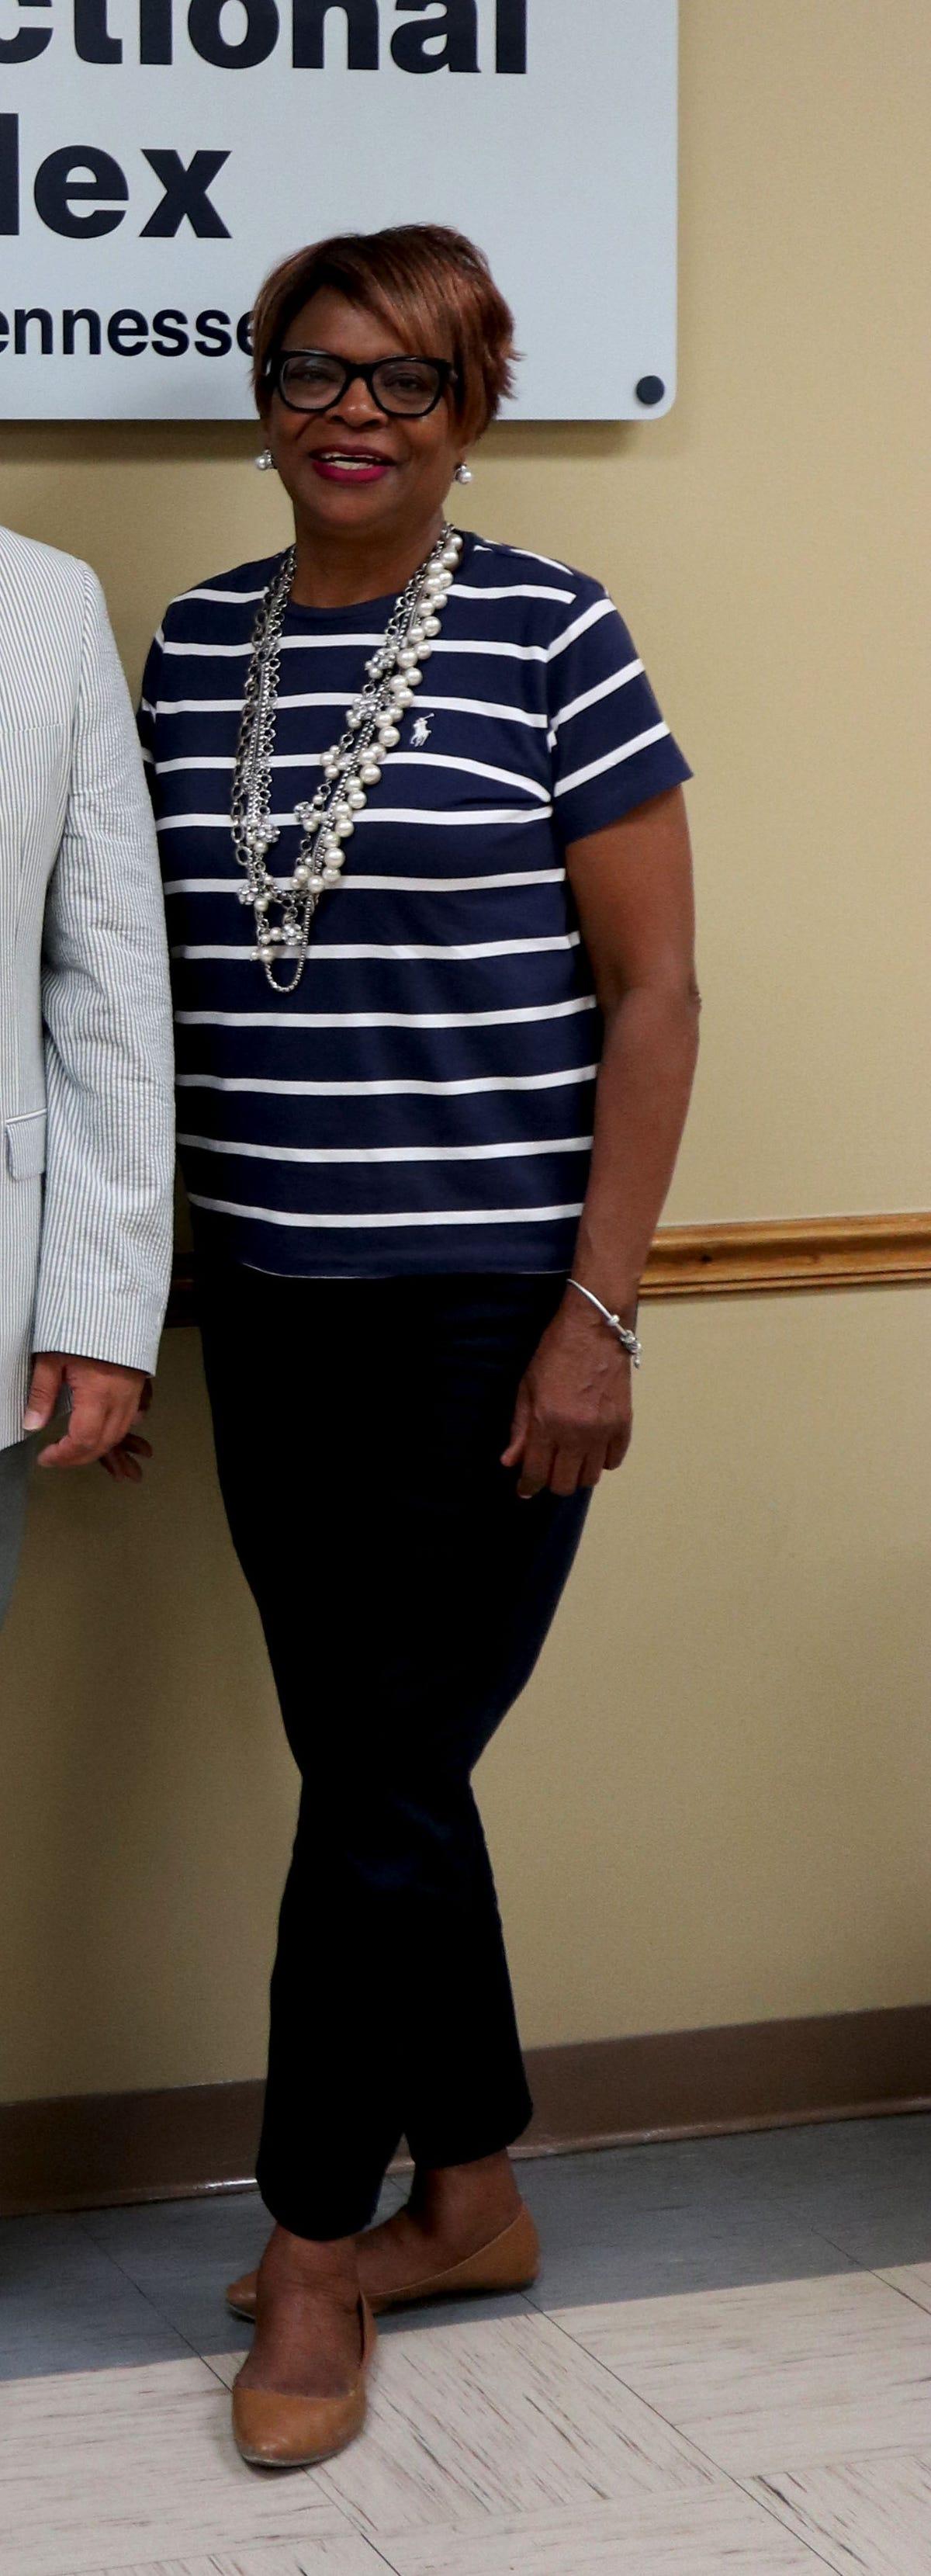 Tennessee correction admin killed in prison escape had